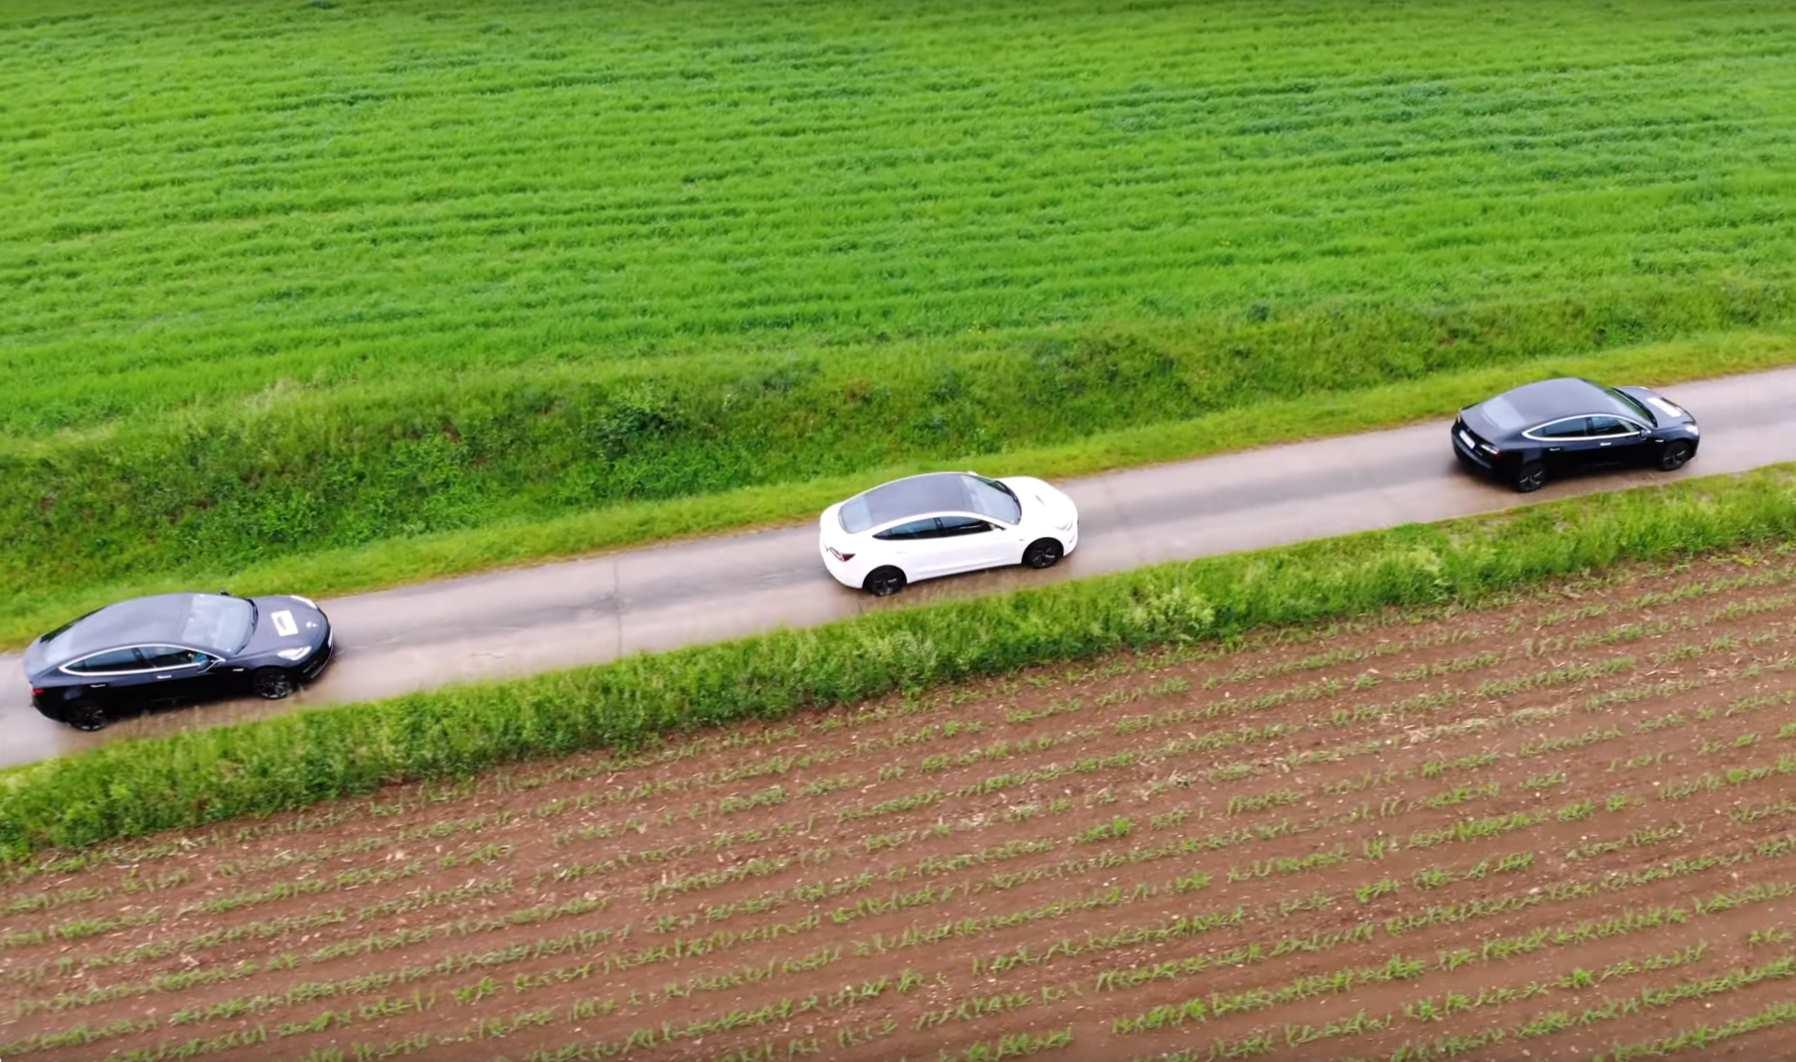 Drone_3M3_schaeg_oben.jpg